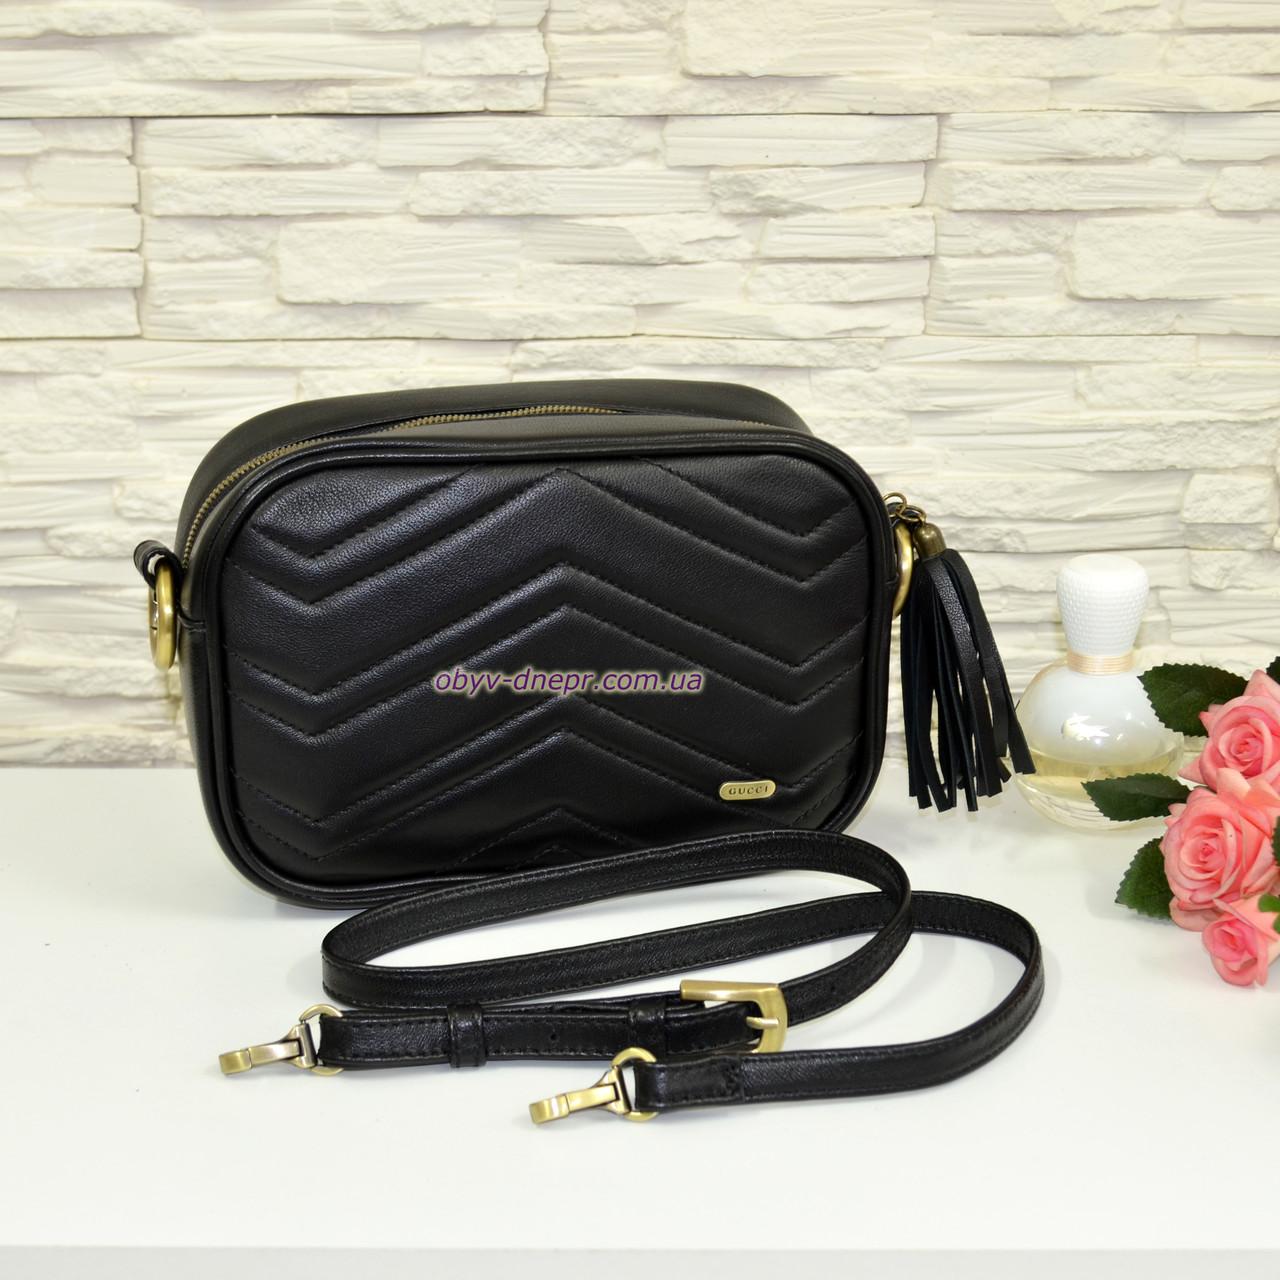 Кожаная женская сумка. Производство Украина